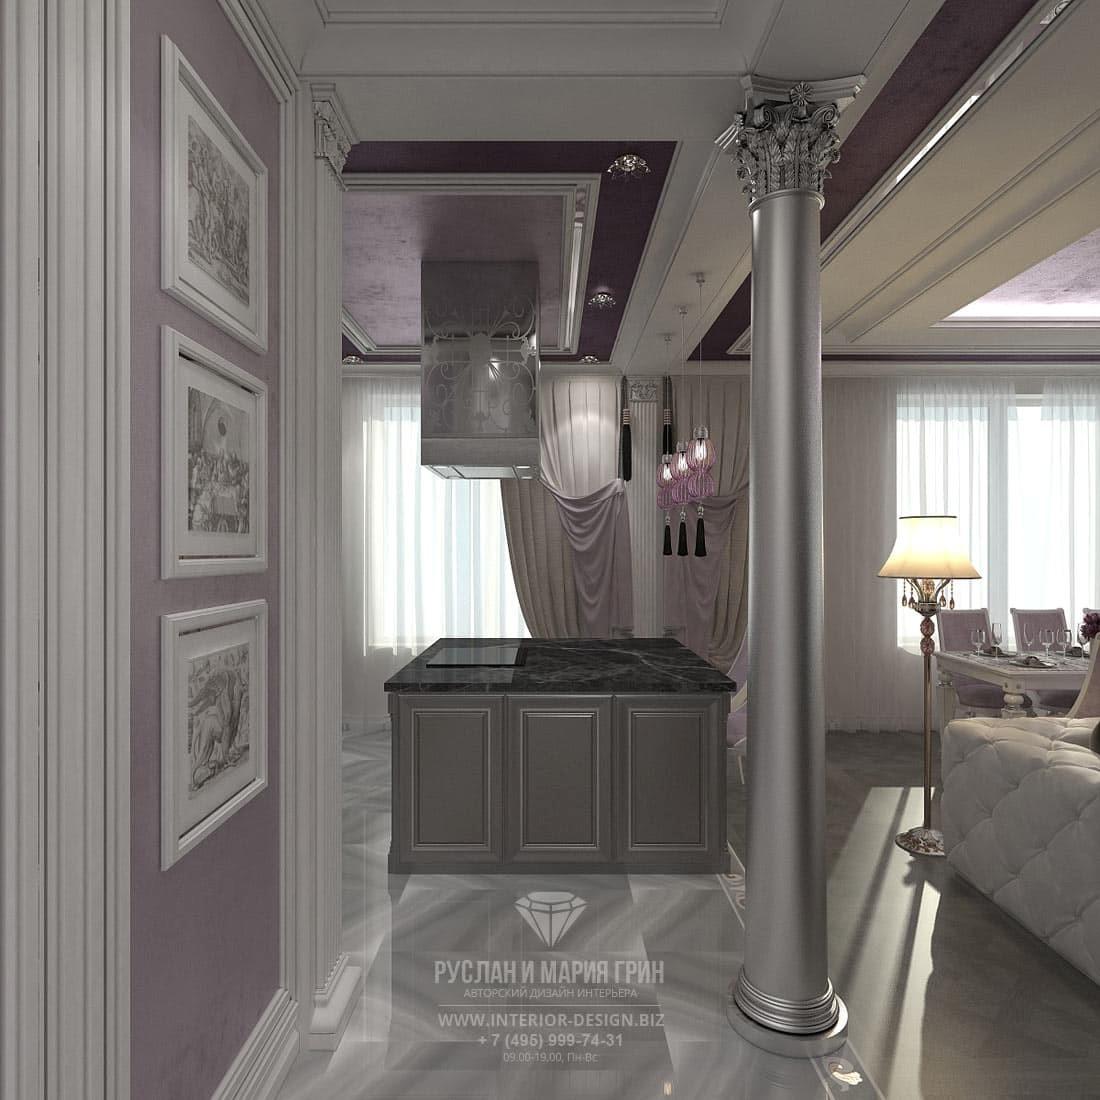 Дизайн кухни-гостиной трехкомнатной квартиры с круглой колонной